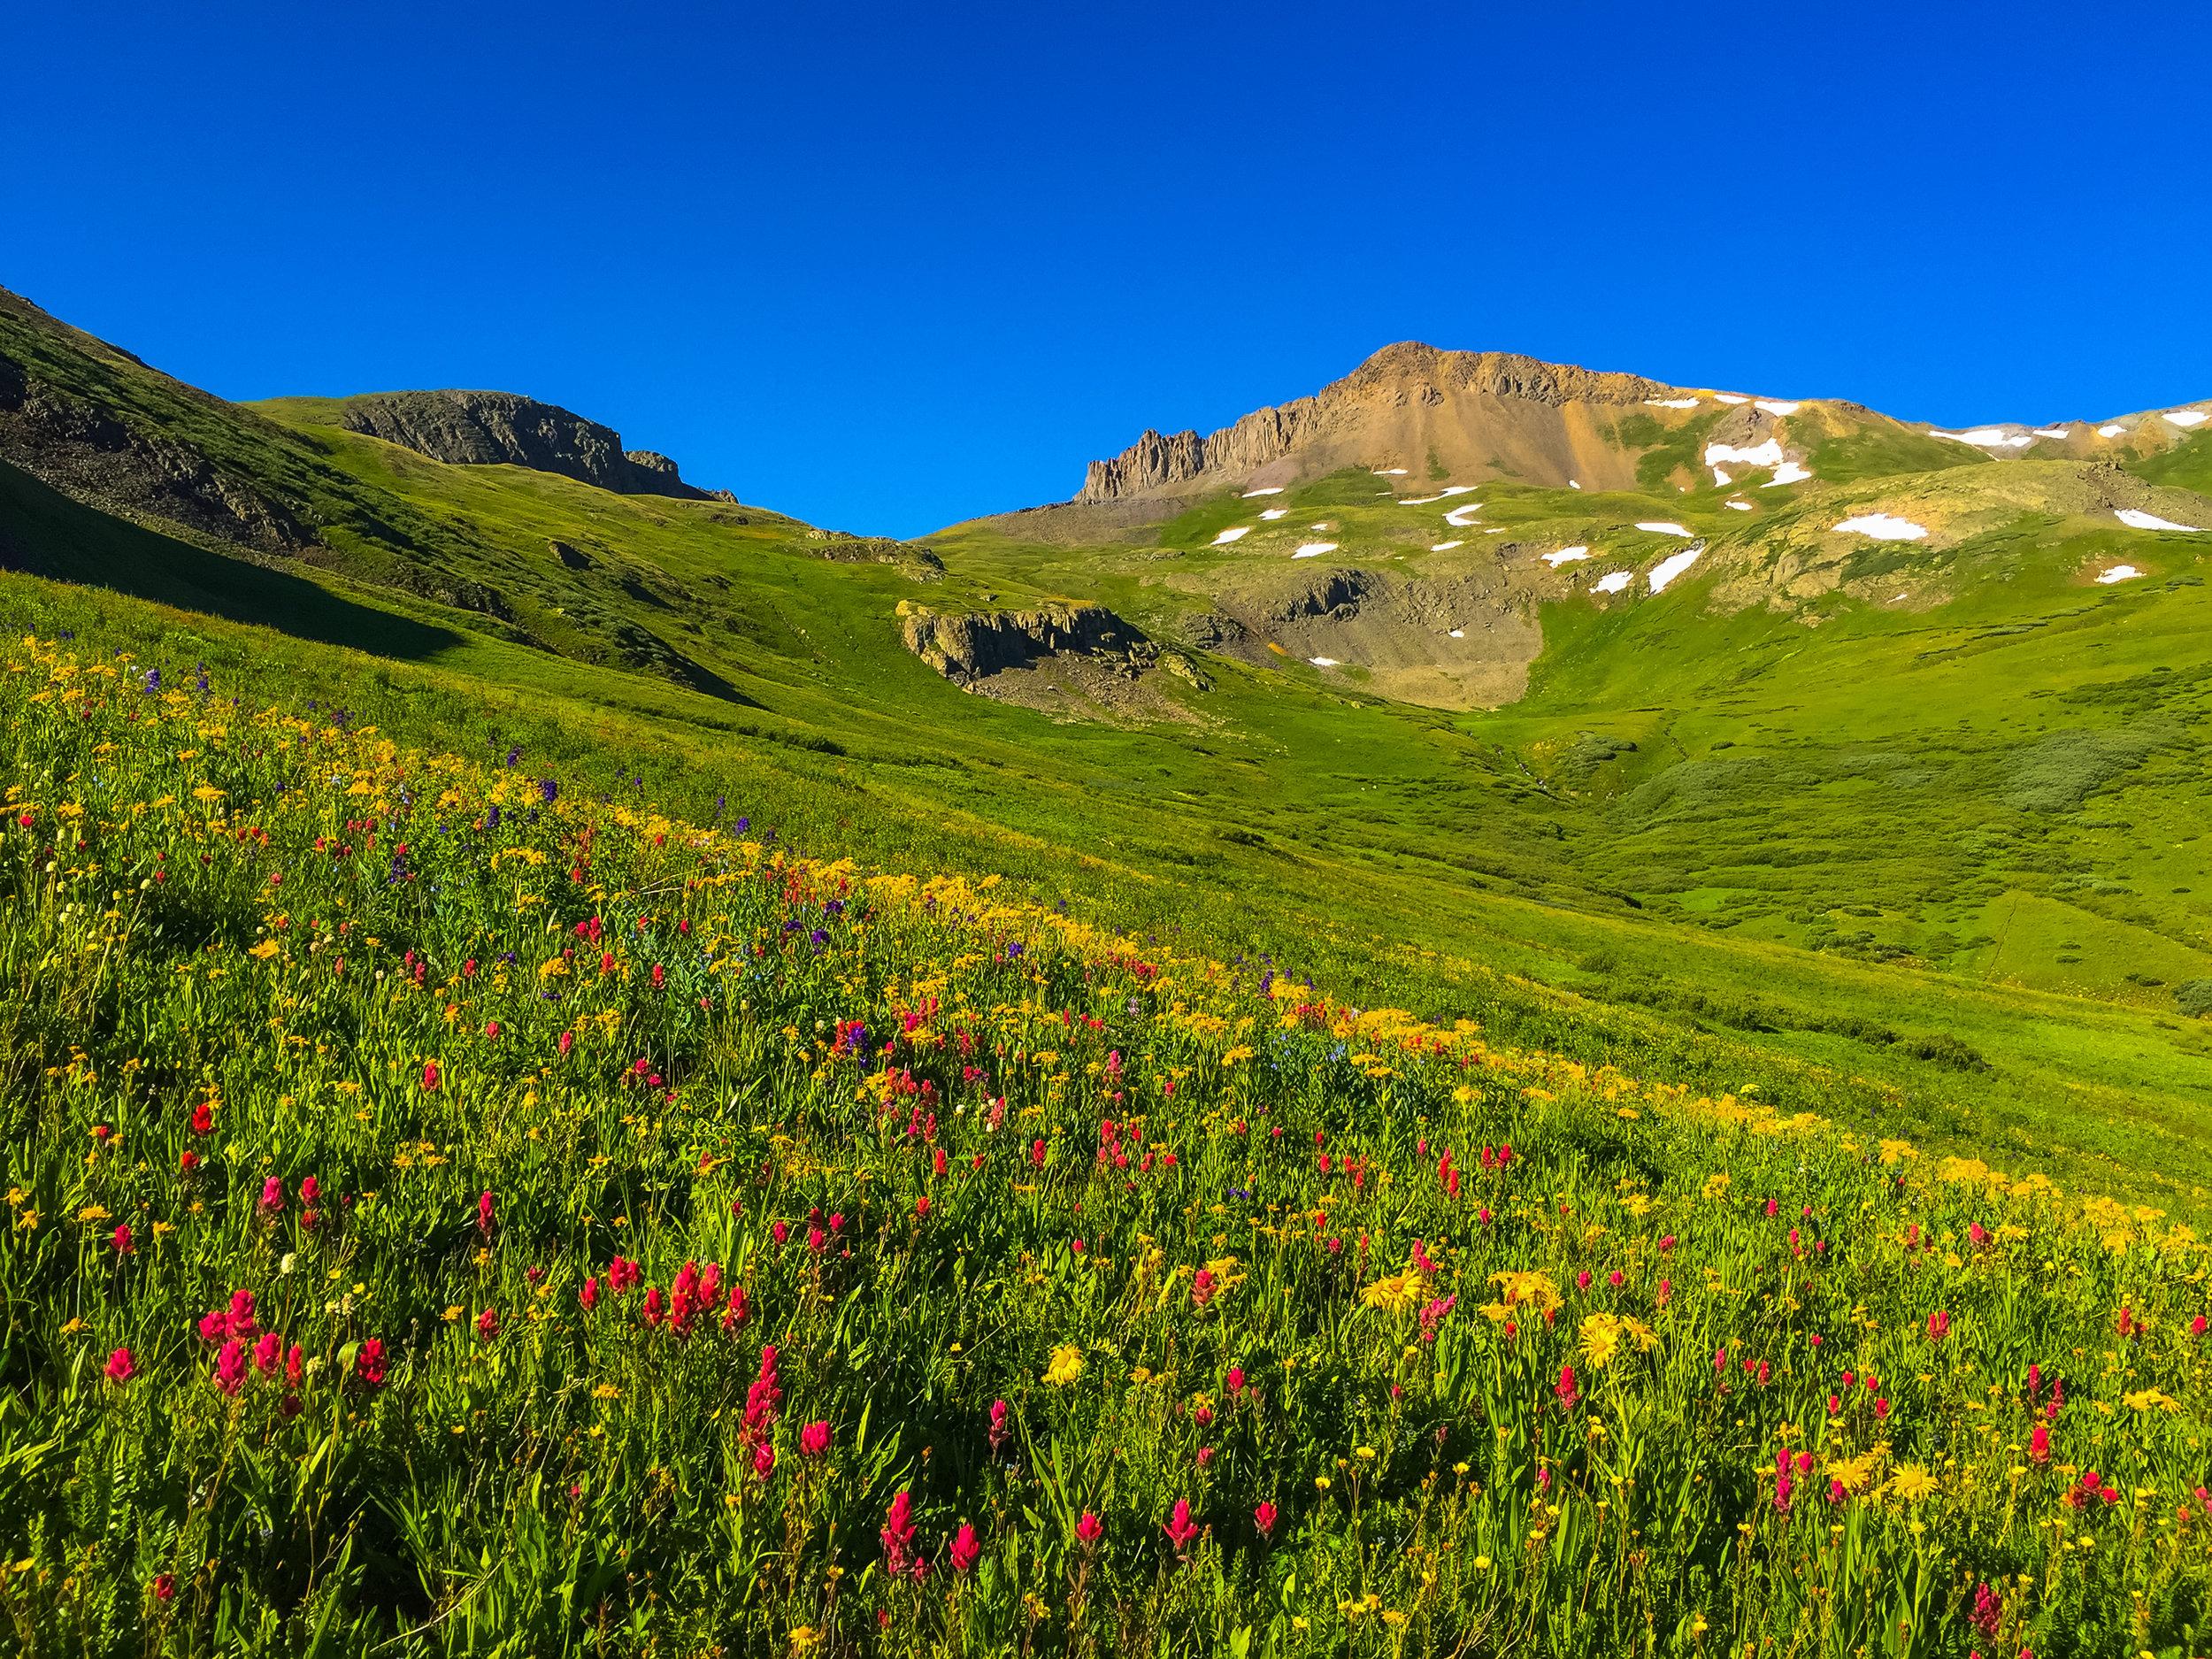 Maggie Gulch Wildflowers